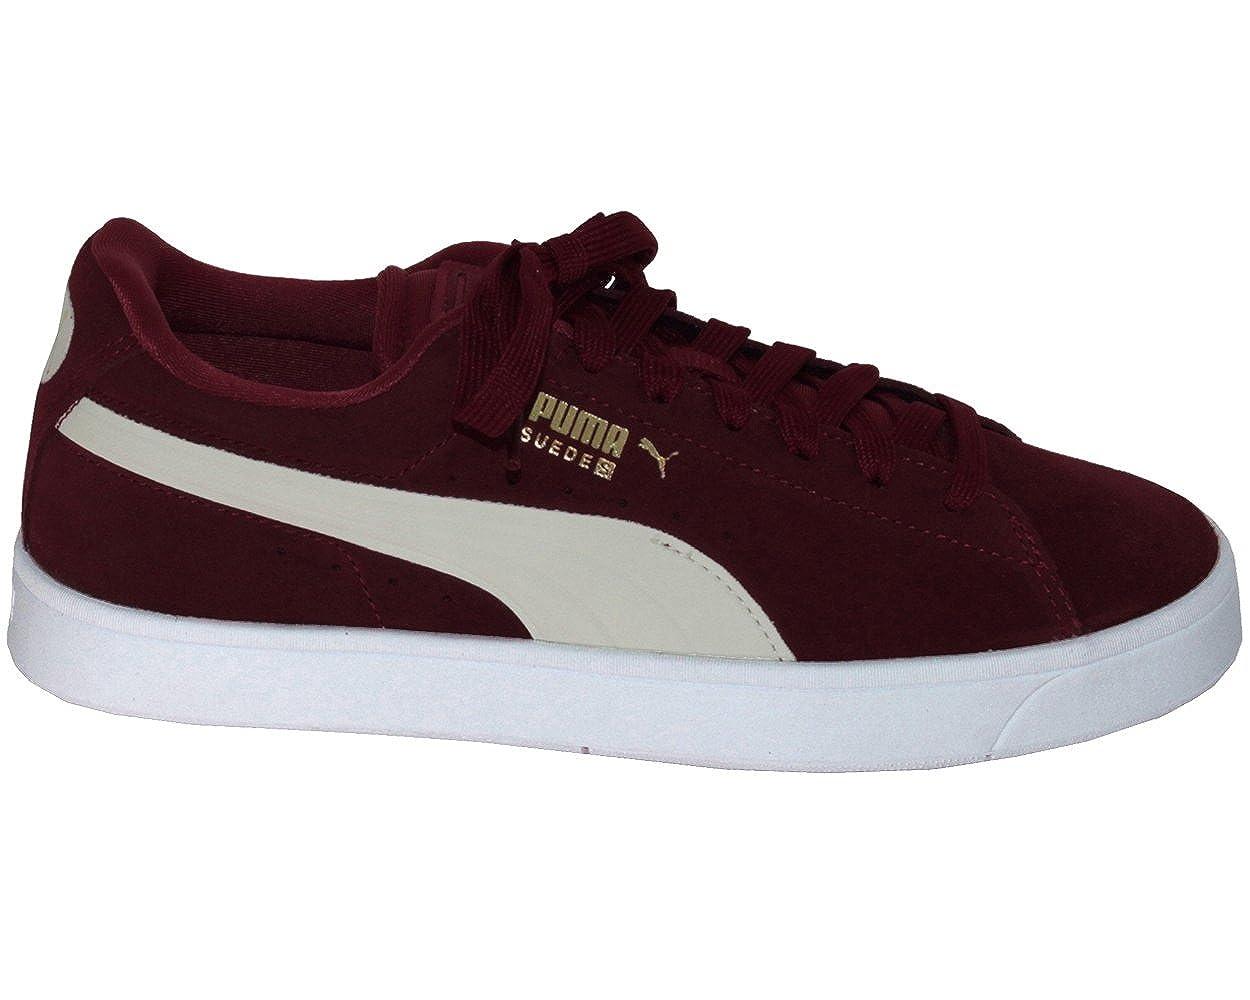 Sacs Chaussures S Bordeaux Suede Puma Et PAqXR4wtx